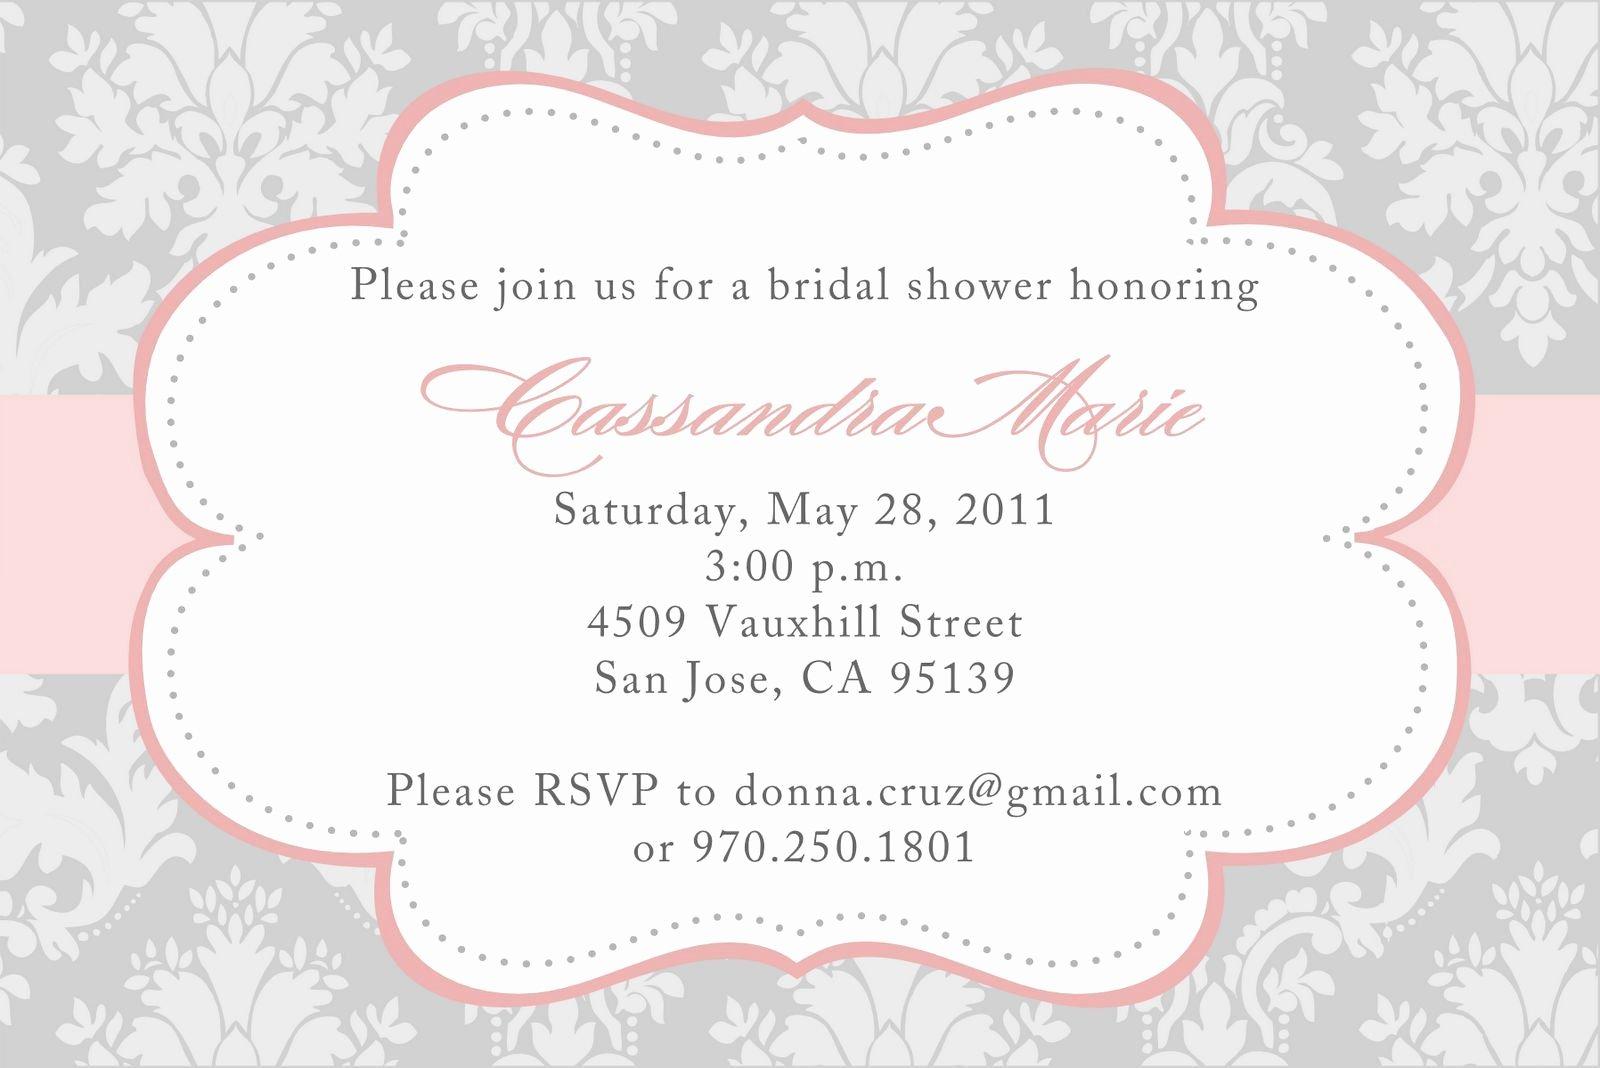 Bridal Shower Invitations Template Unique Bridal Shower Invitations Templates Bridal Shower